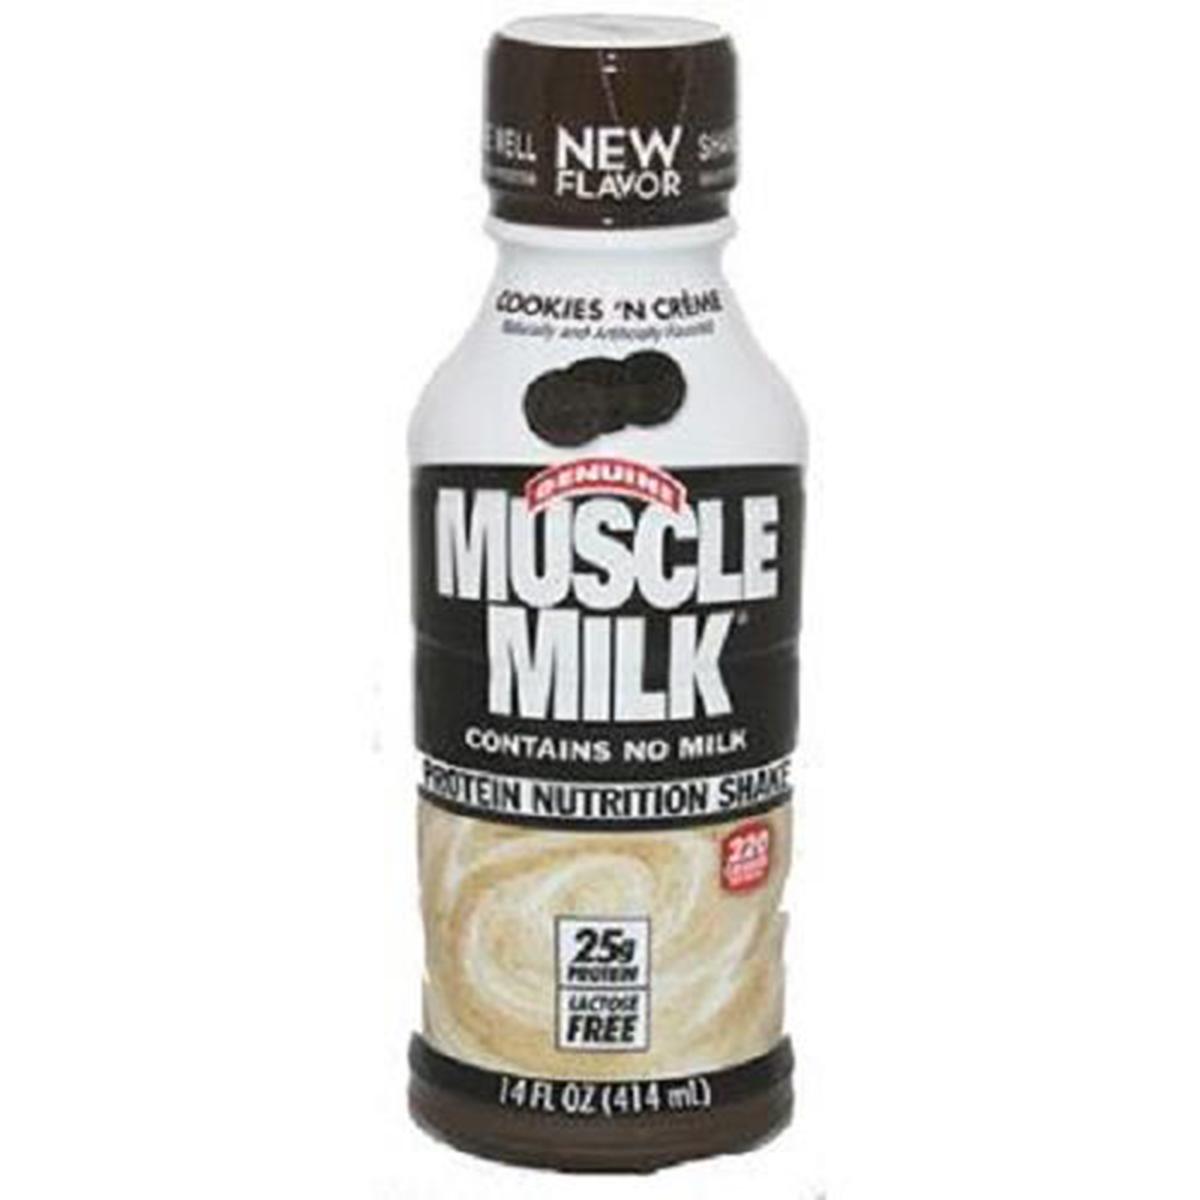 Muscle Milk Cookies 'N Cream Protein Nutrition Shake, 14 oz